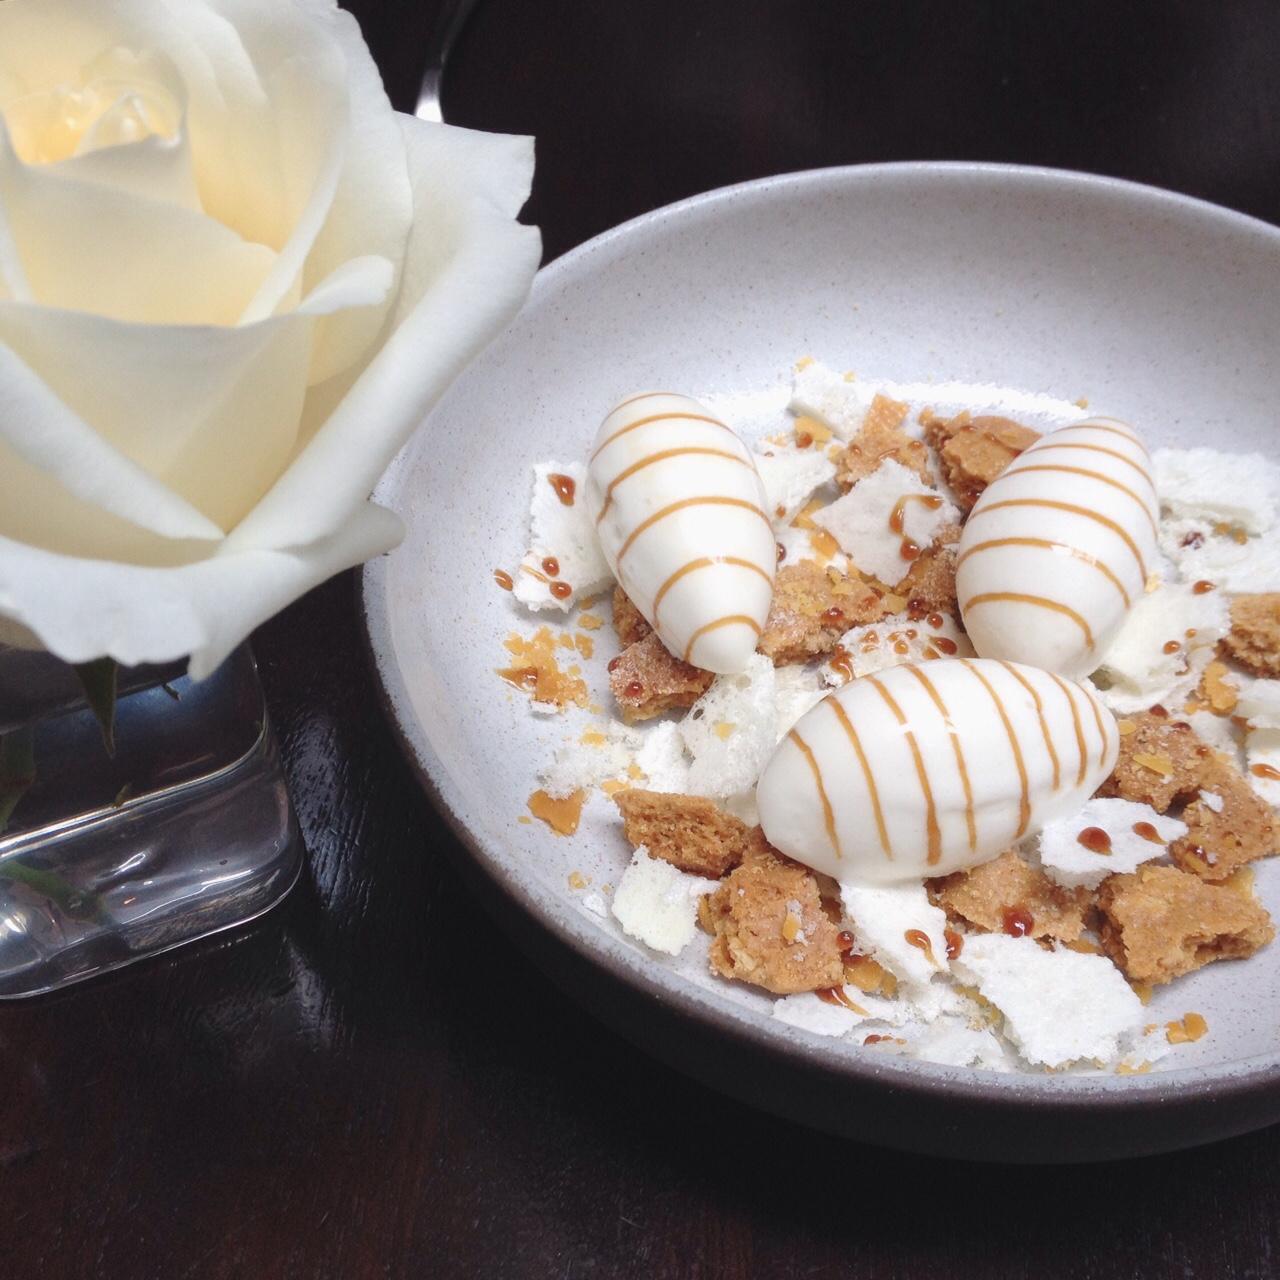 Honey & Milk, Brittle, Shortbread, Ice Cream - Nomad